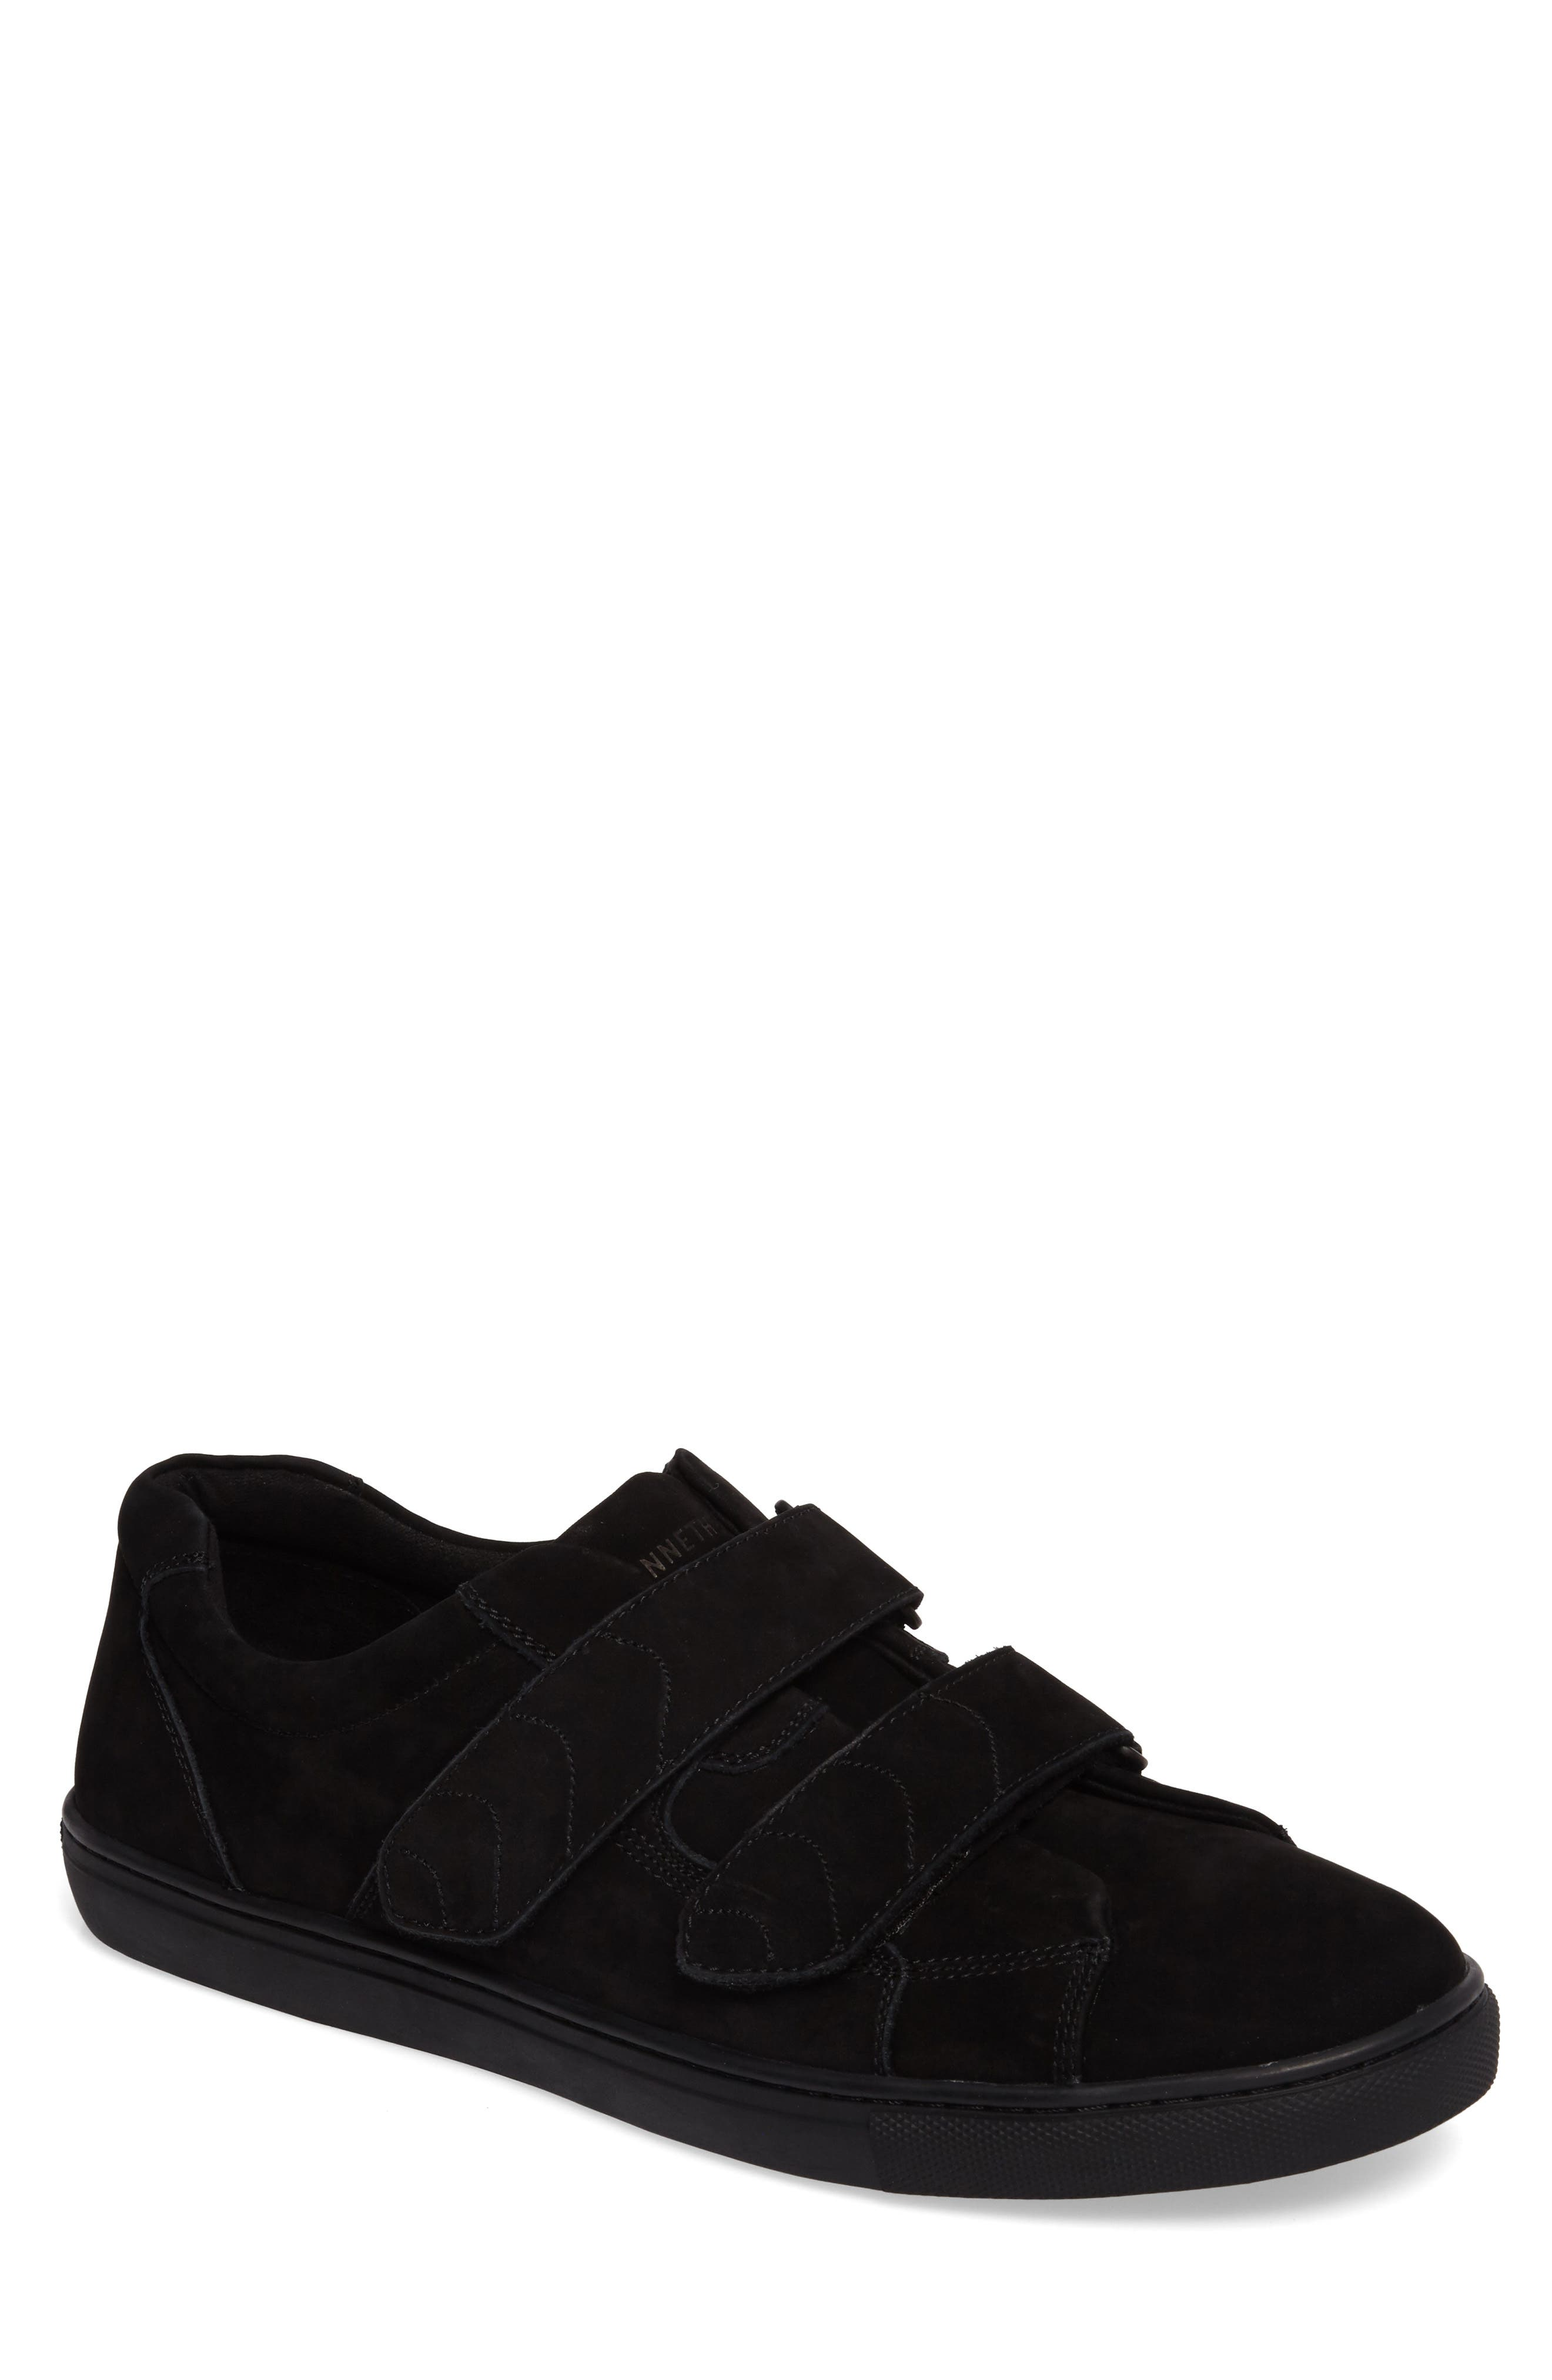 Low Top Sneaker,                         Main,                         color, 001